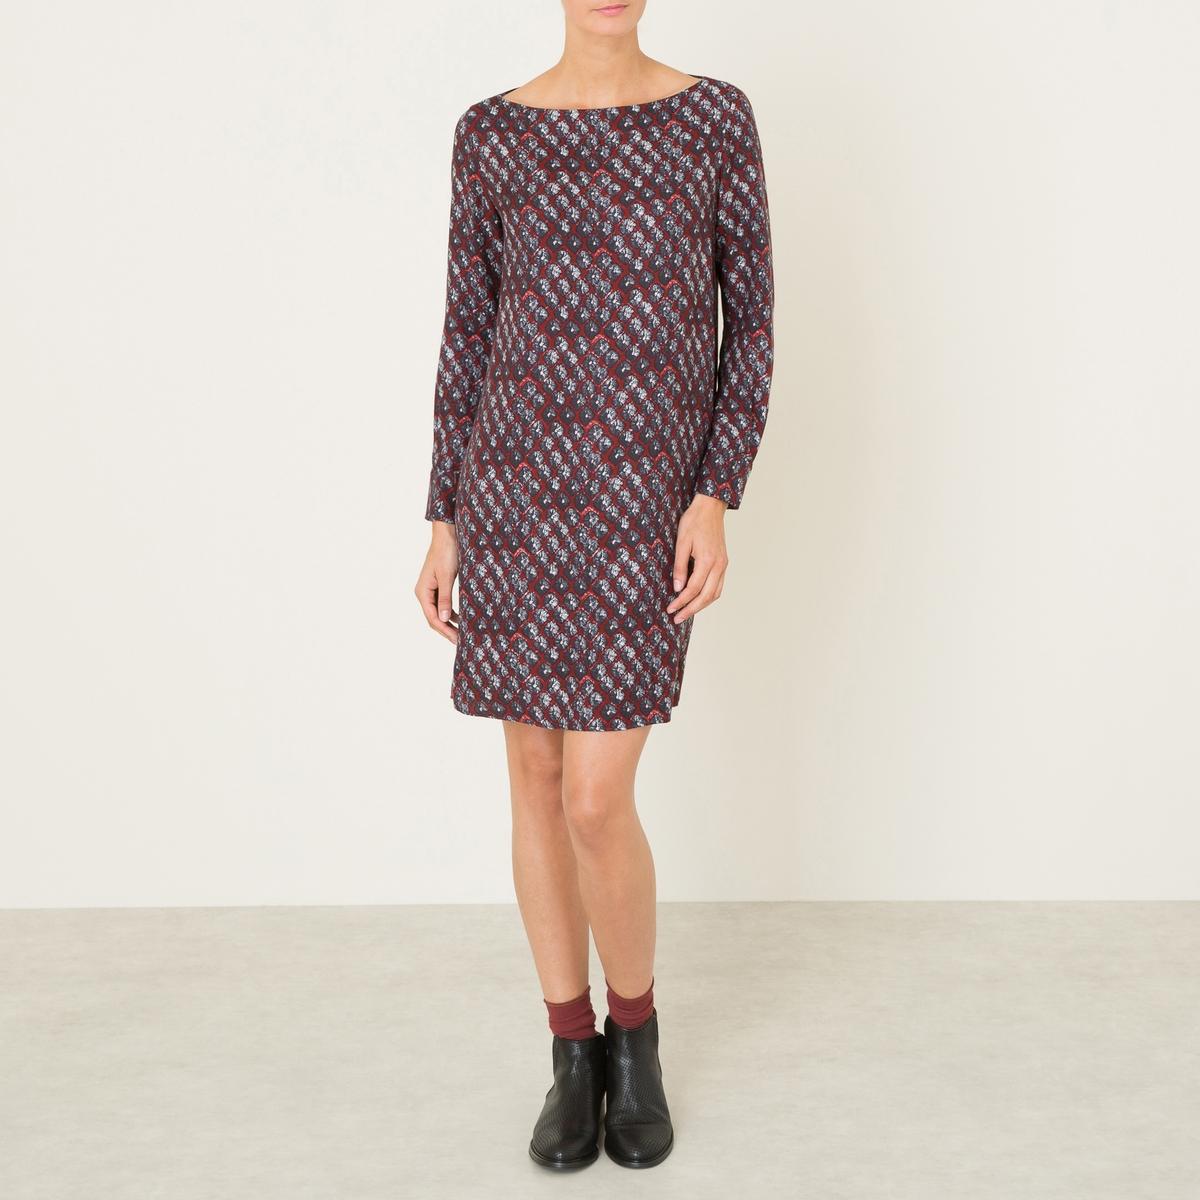 Платье MARTAКороткое платье DIEGA - модель MARTA, форма футляр, из шелковой ткани со сплошным рисунком. Вырез-лодочка. Длинные рукава с манжетами на пуговицах.Состав и описание :Материал : 65% вискозы, 35% шелкаДлина : 90 см. (для размера 36)Марка : DIEGA<br><br>Цвет: темно-синий/ красный